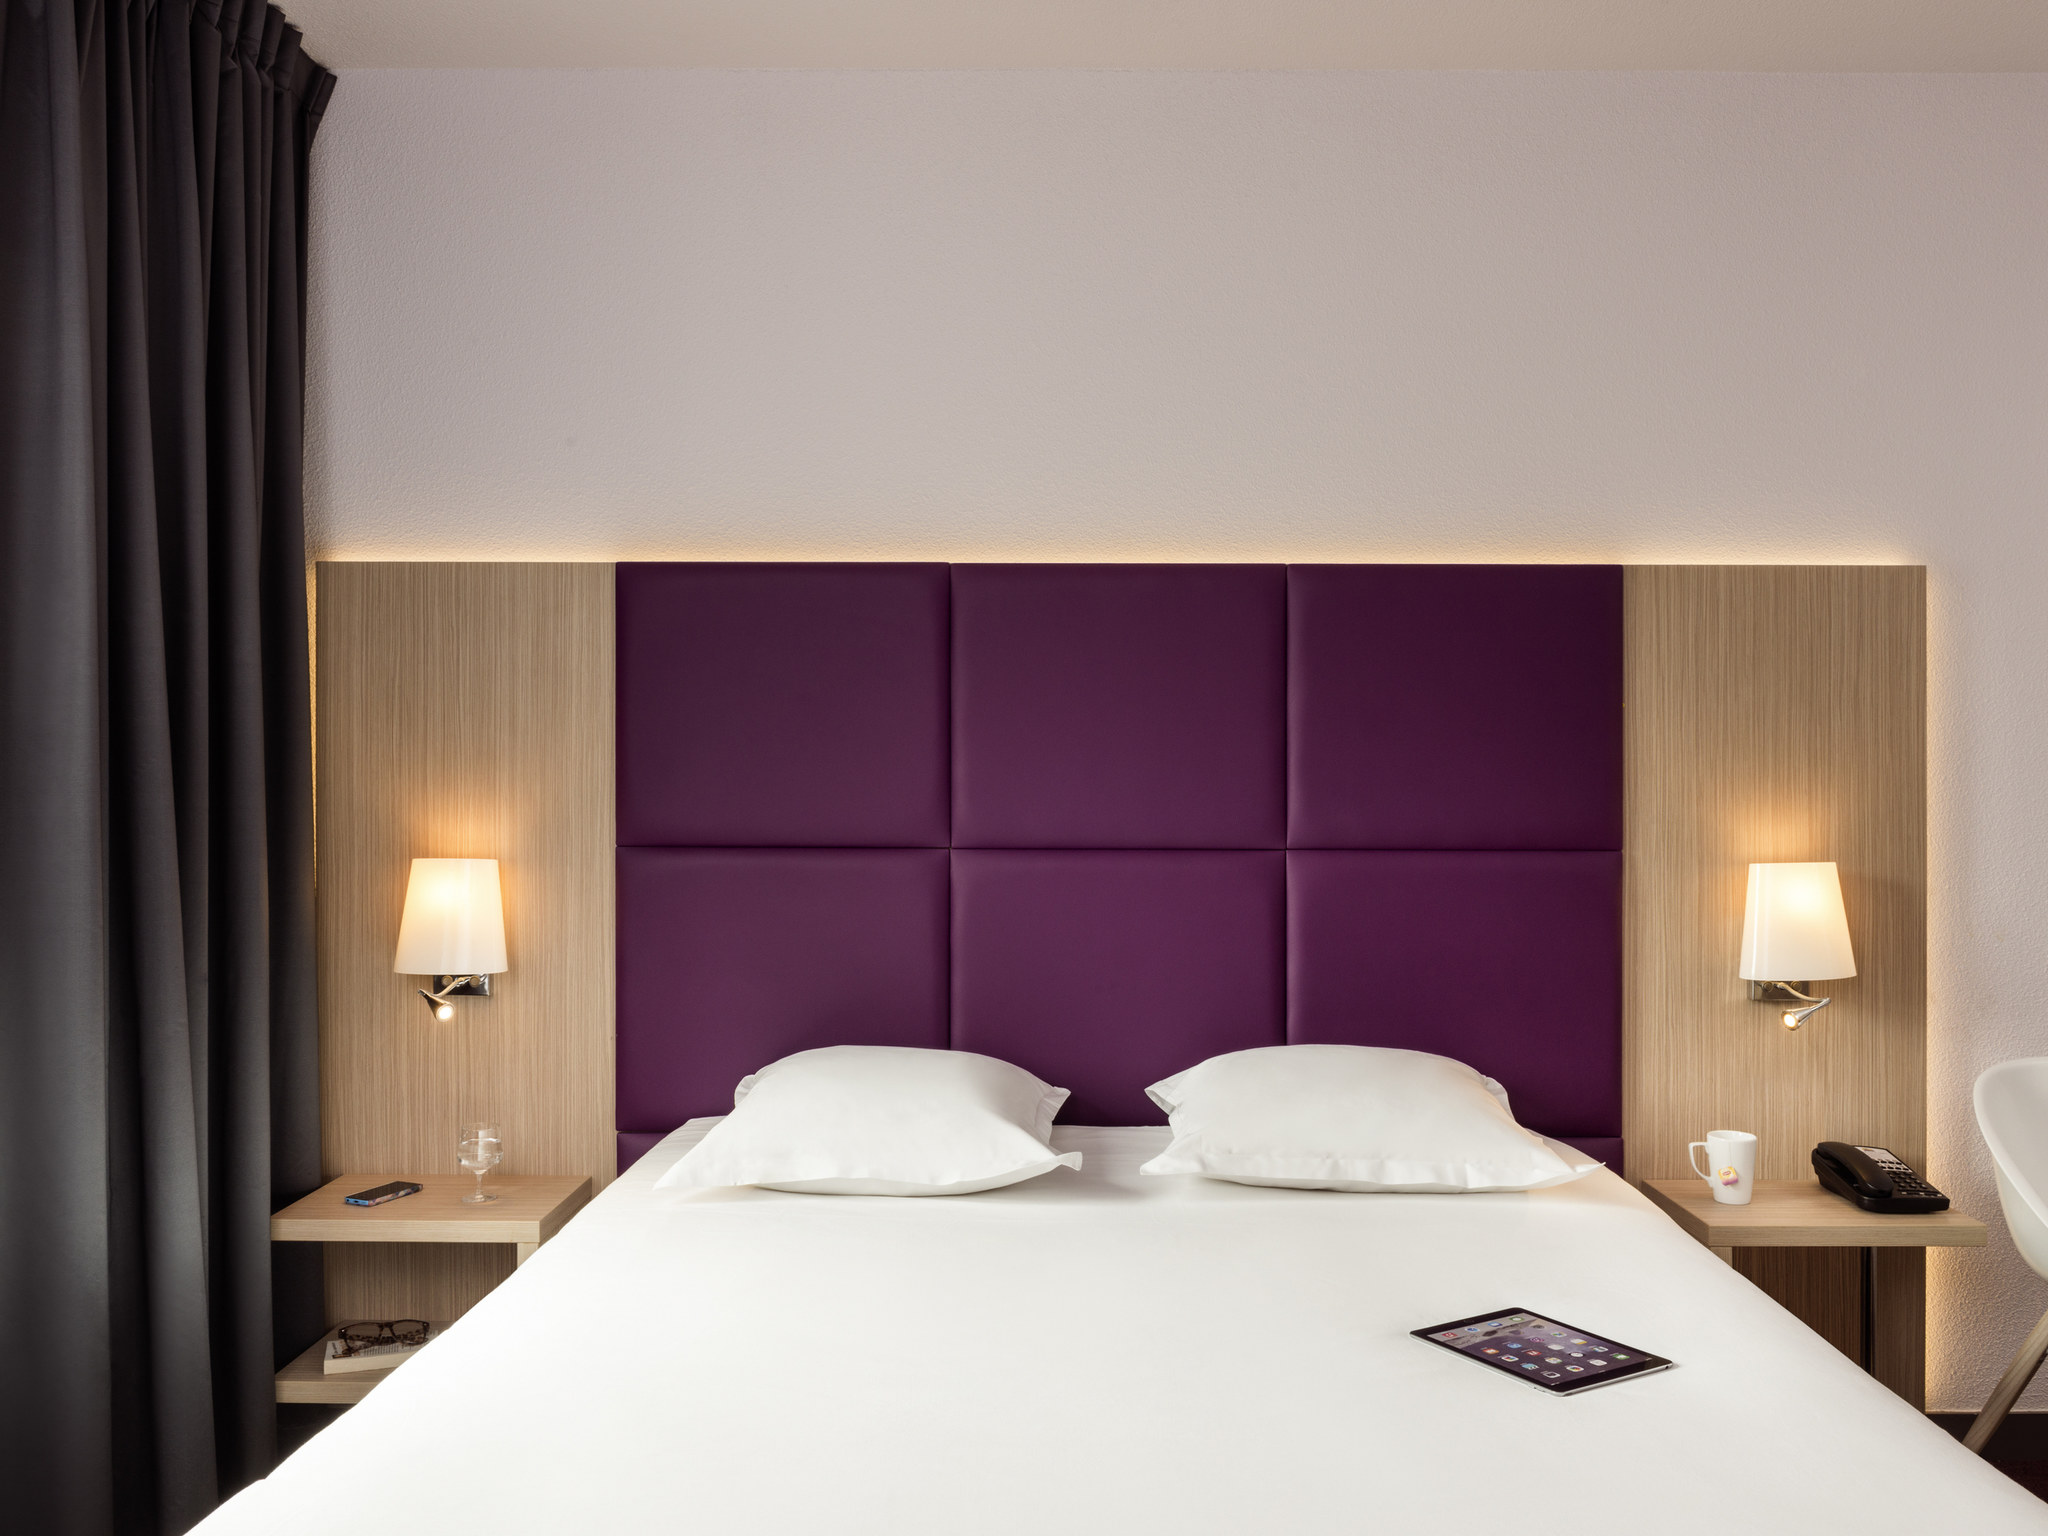 酒店 – 巴黎马拉科夫阿德吉奥沙蒂永公寓酒店